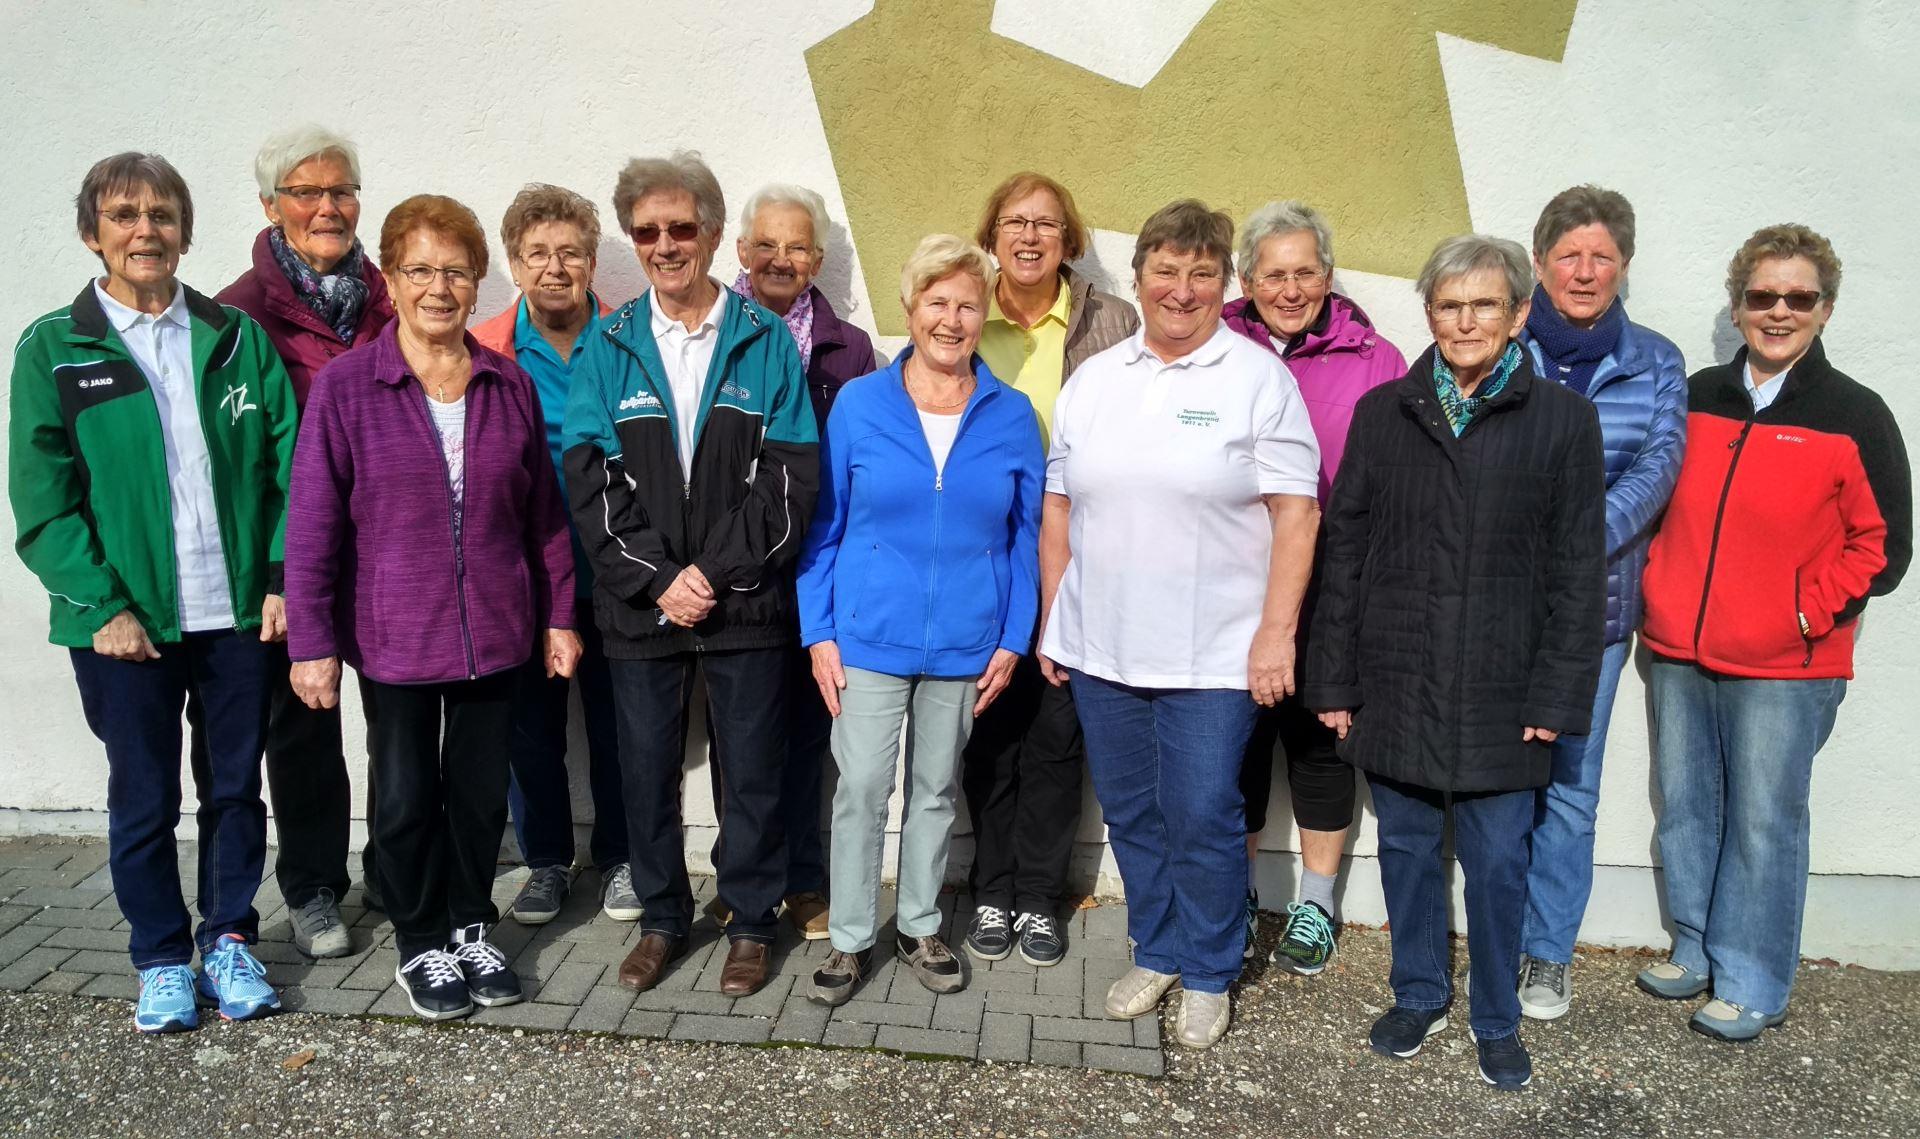 Gruppenbild, Hausfrauenturnen (Gruppe 2) im Jahr 2017